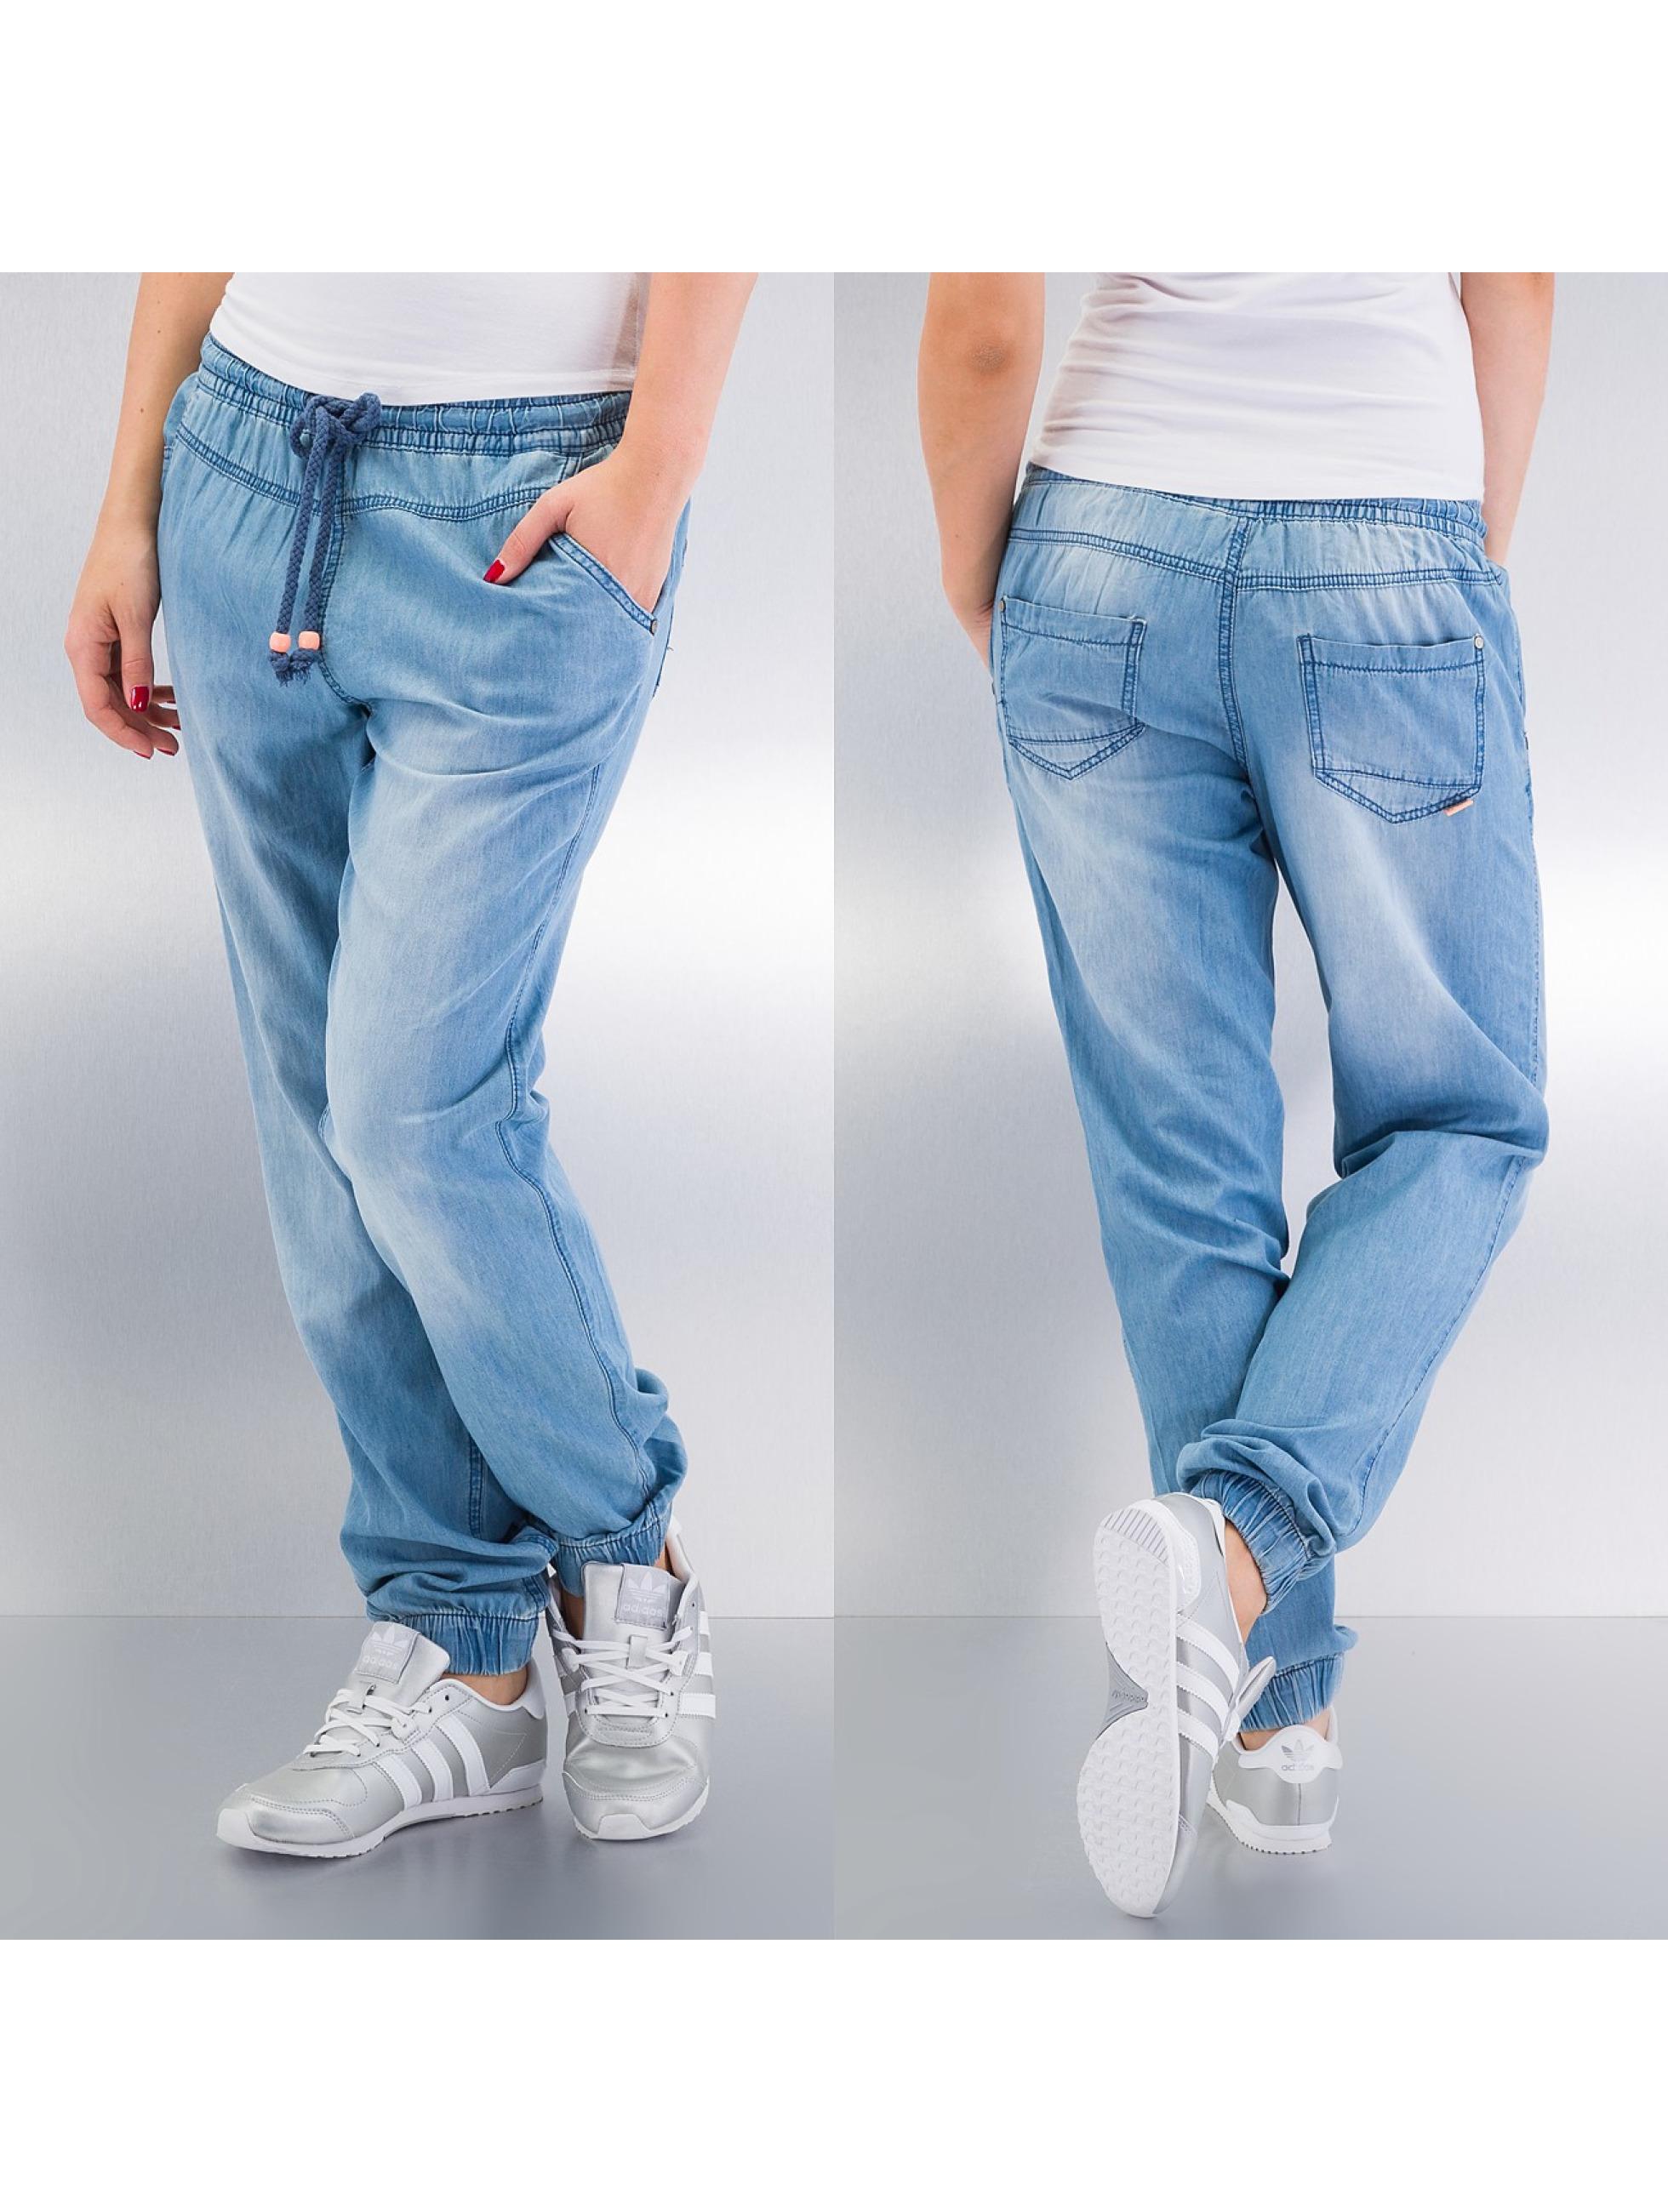 Stitch & Soul Frauen Chino Pants in blau